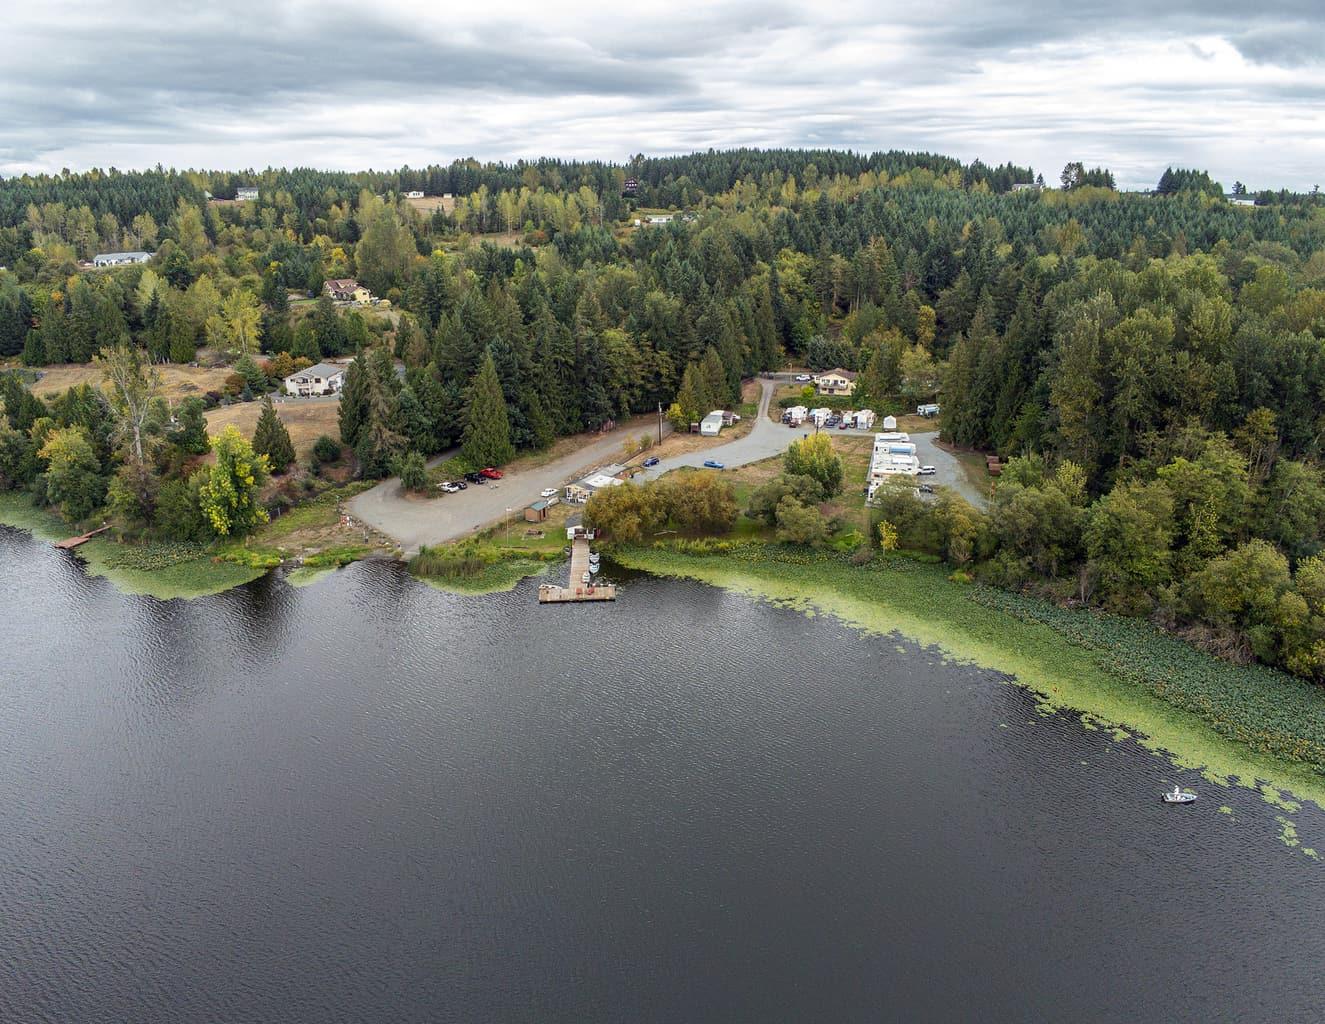 aerial view of harts lake washington